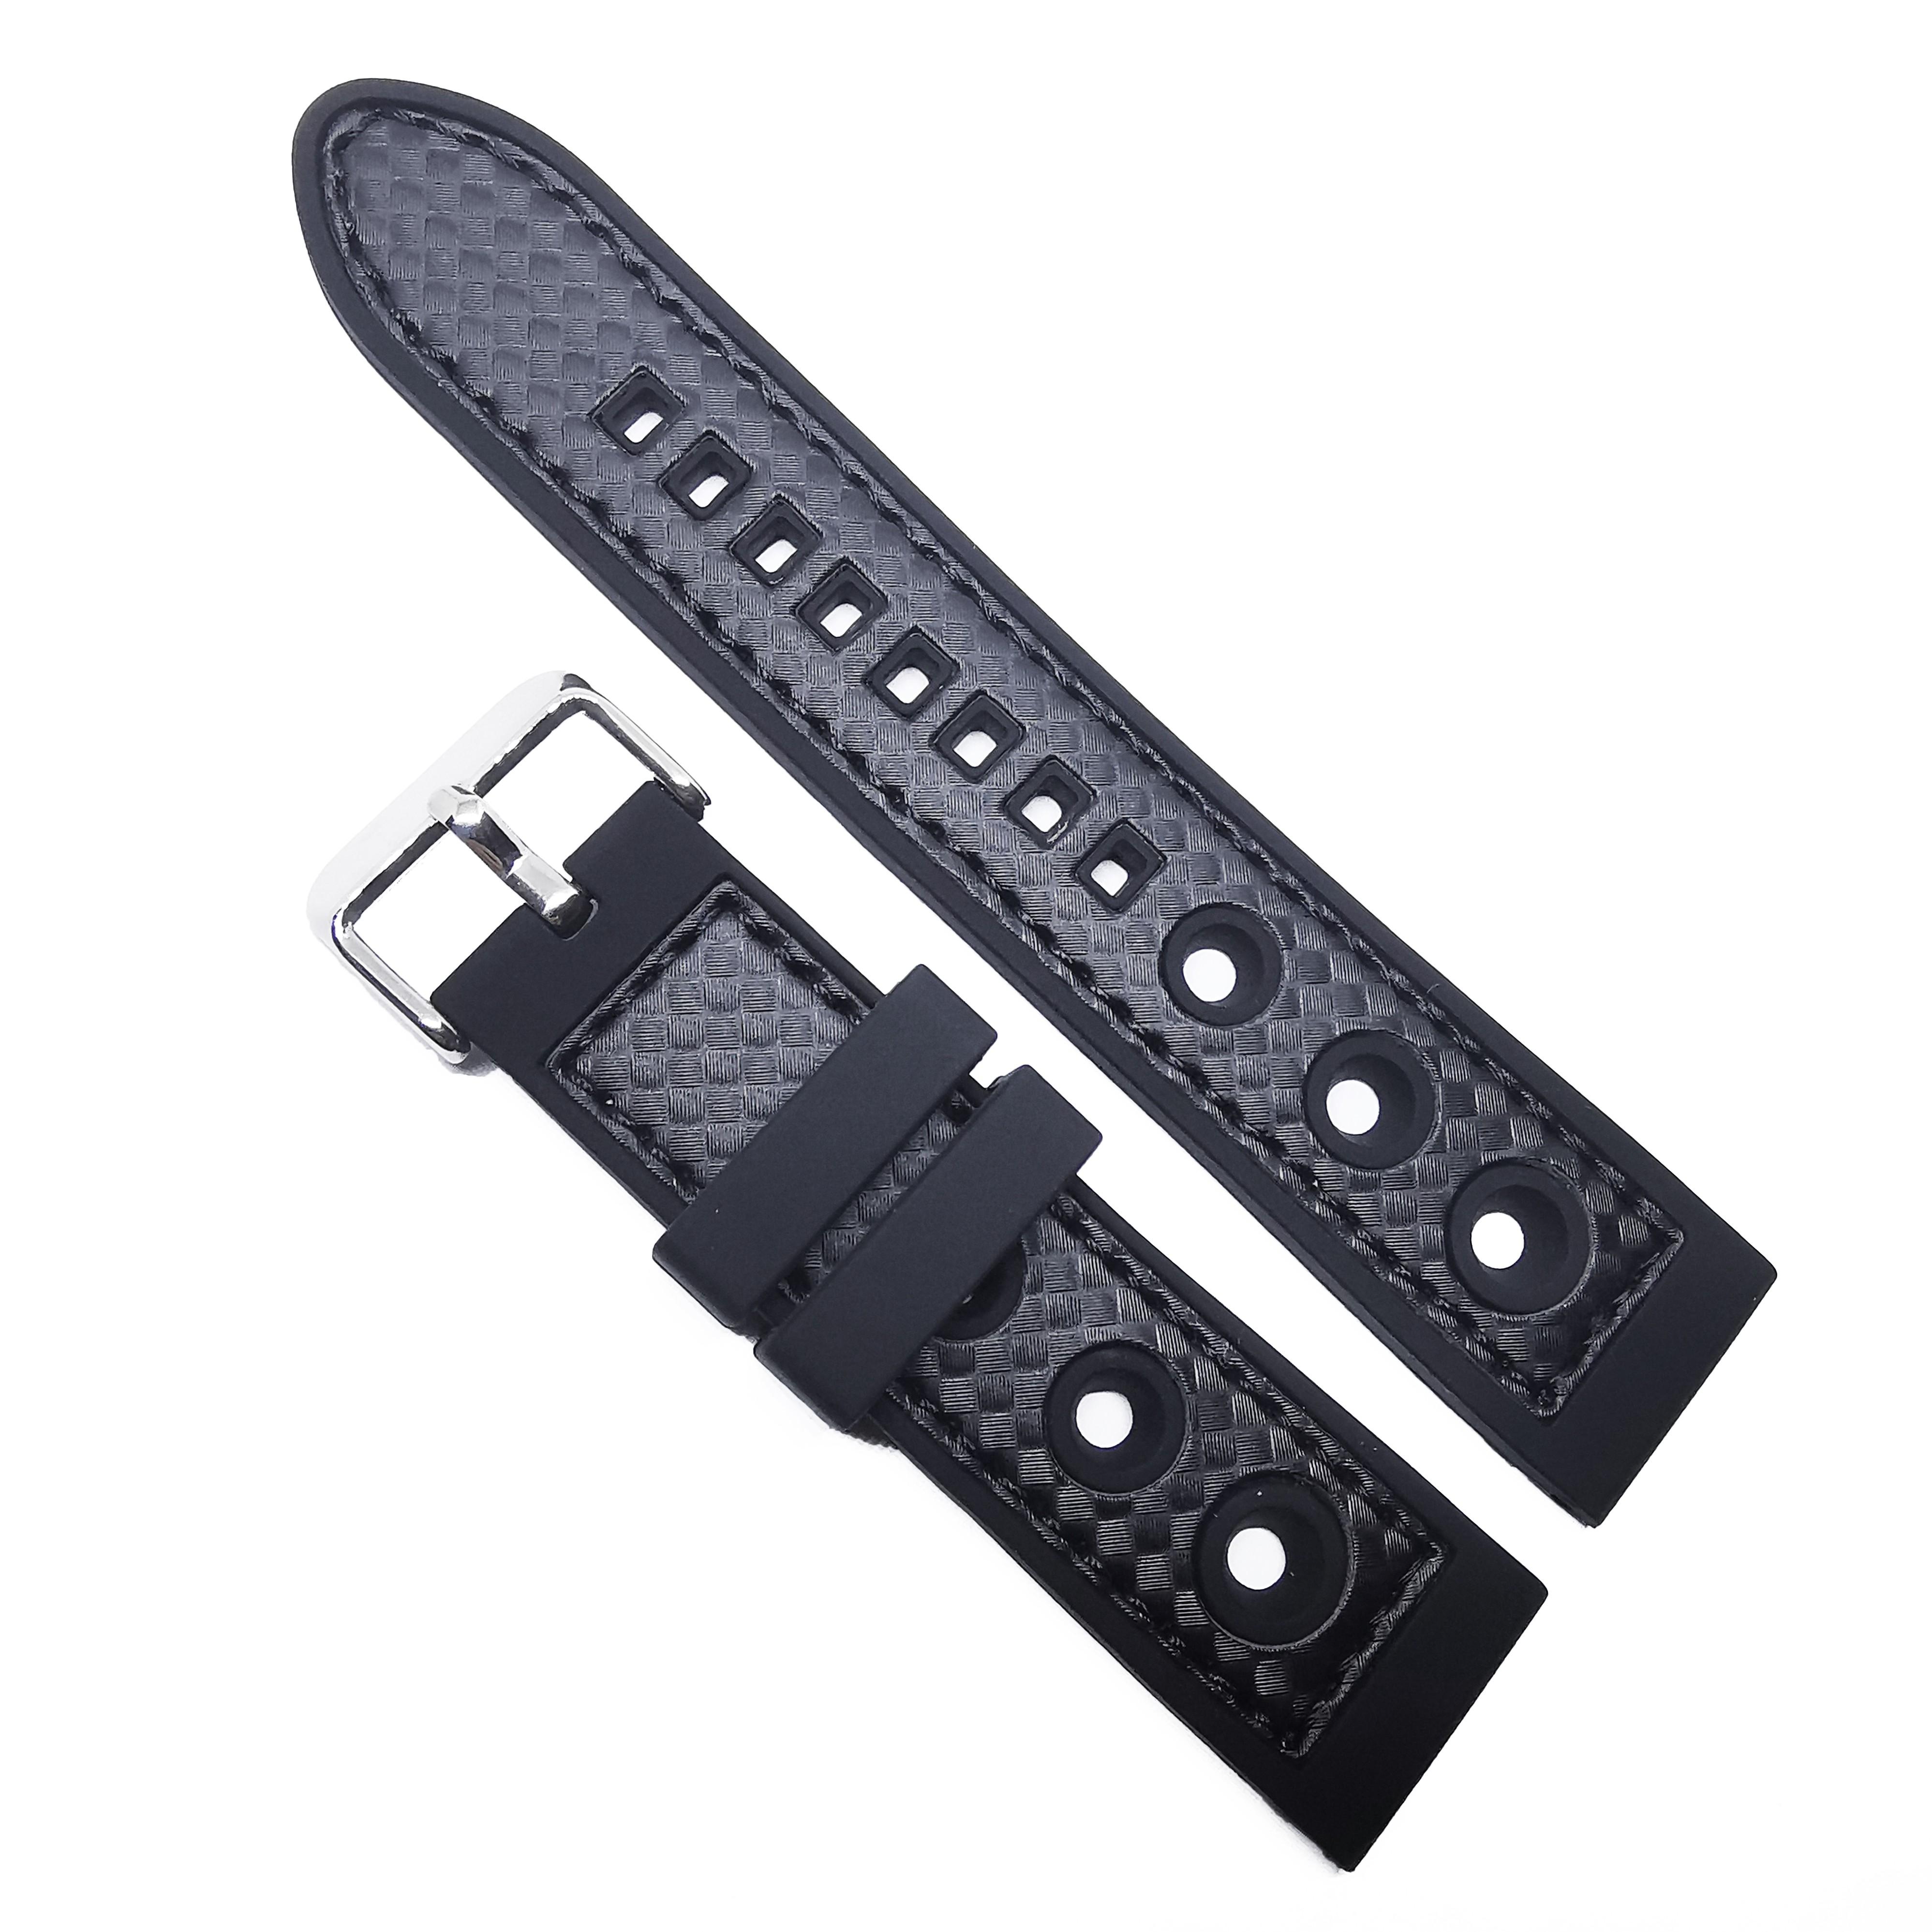 Curea De Ceas Din Silicon - Culoare Neagra,  Model Cu Gaurele - 20mm, 22mm